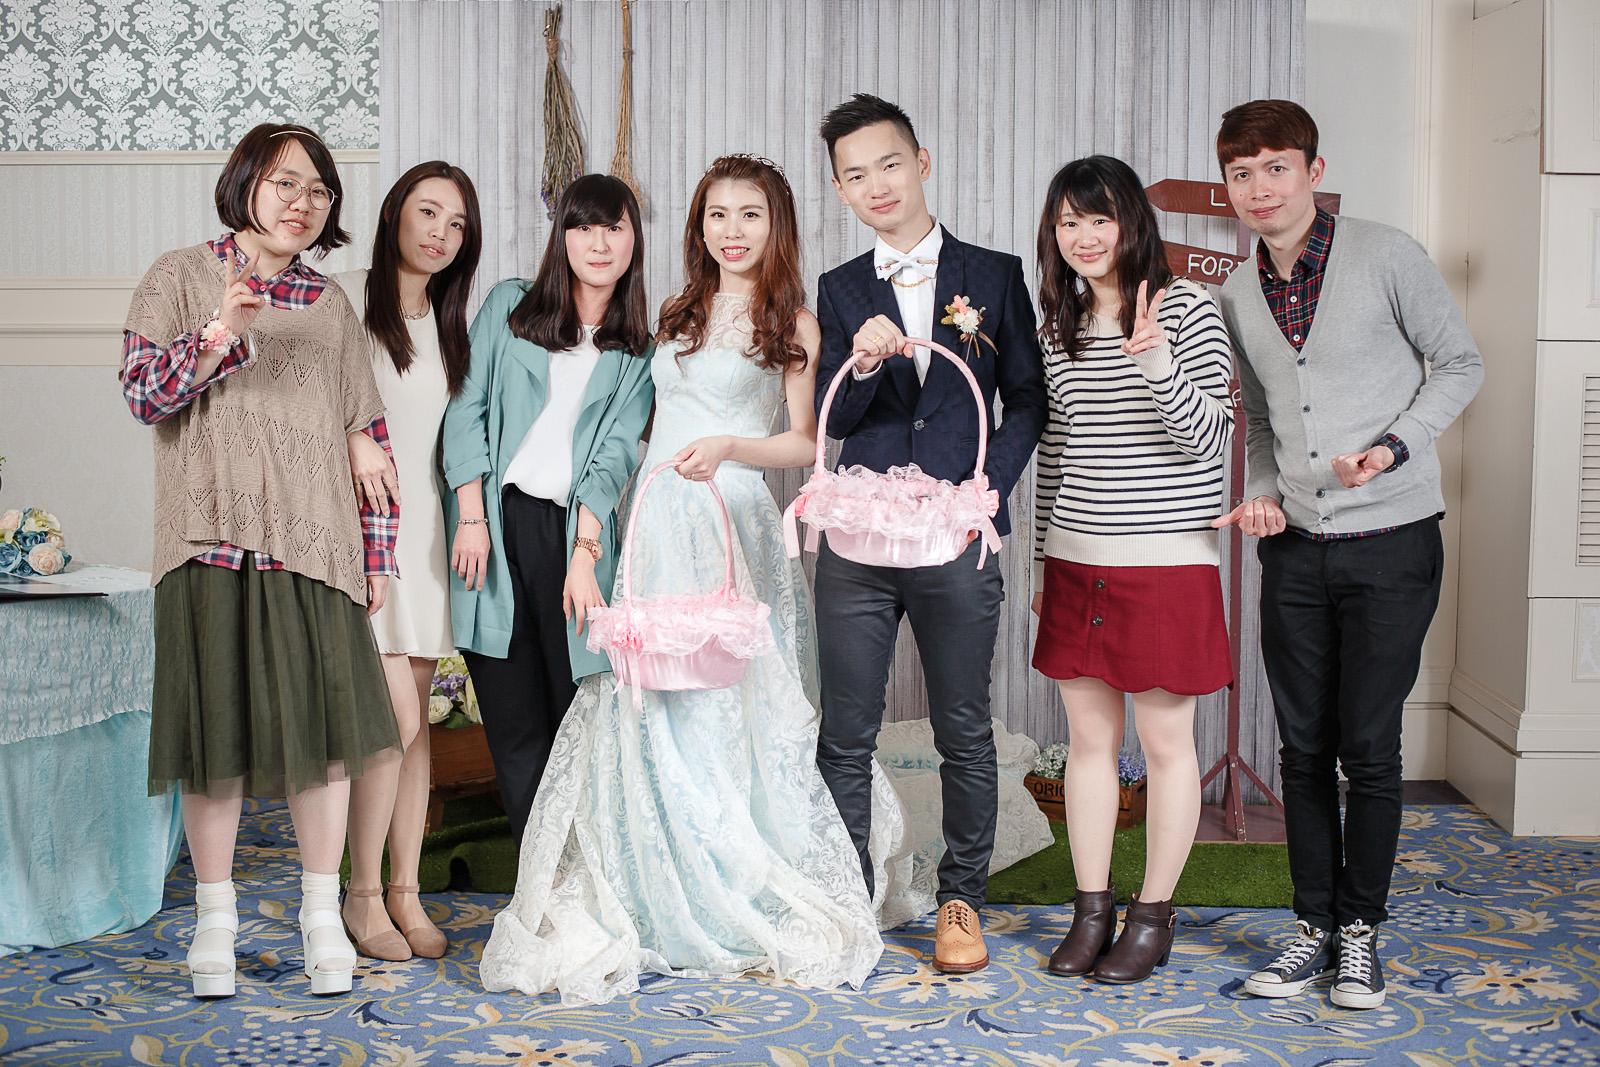 高雄圓山飯店,婚禮攝影,婚攝,高雄婚攝,優質婚攝推薦,Jen&Ethan-340